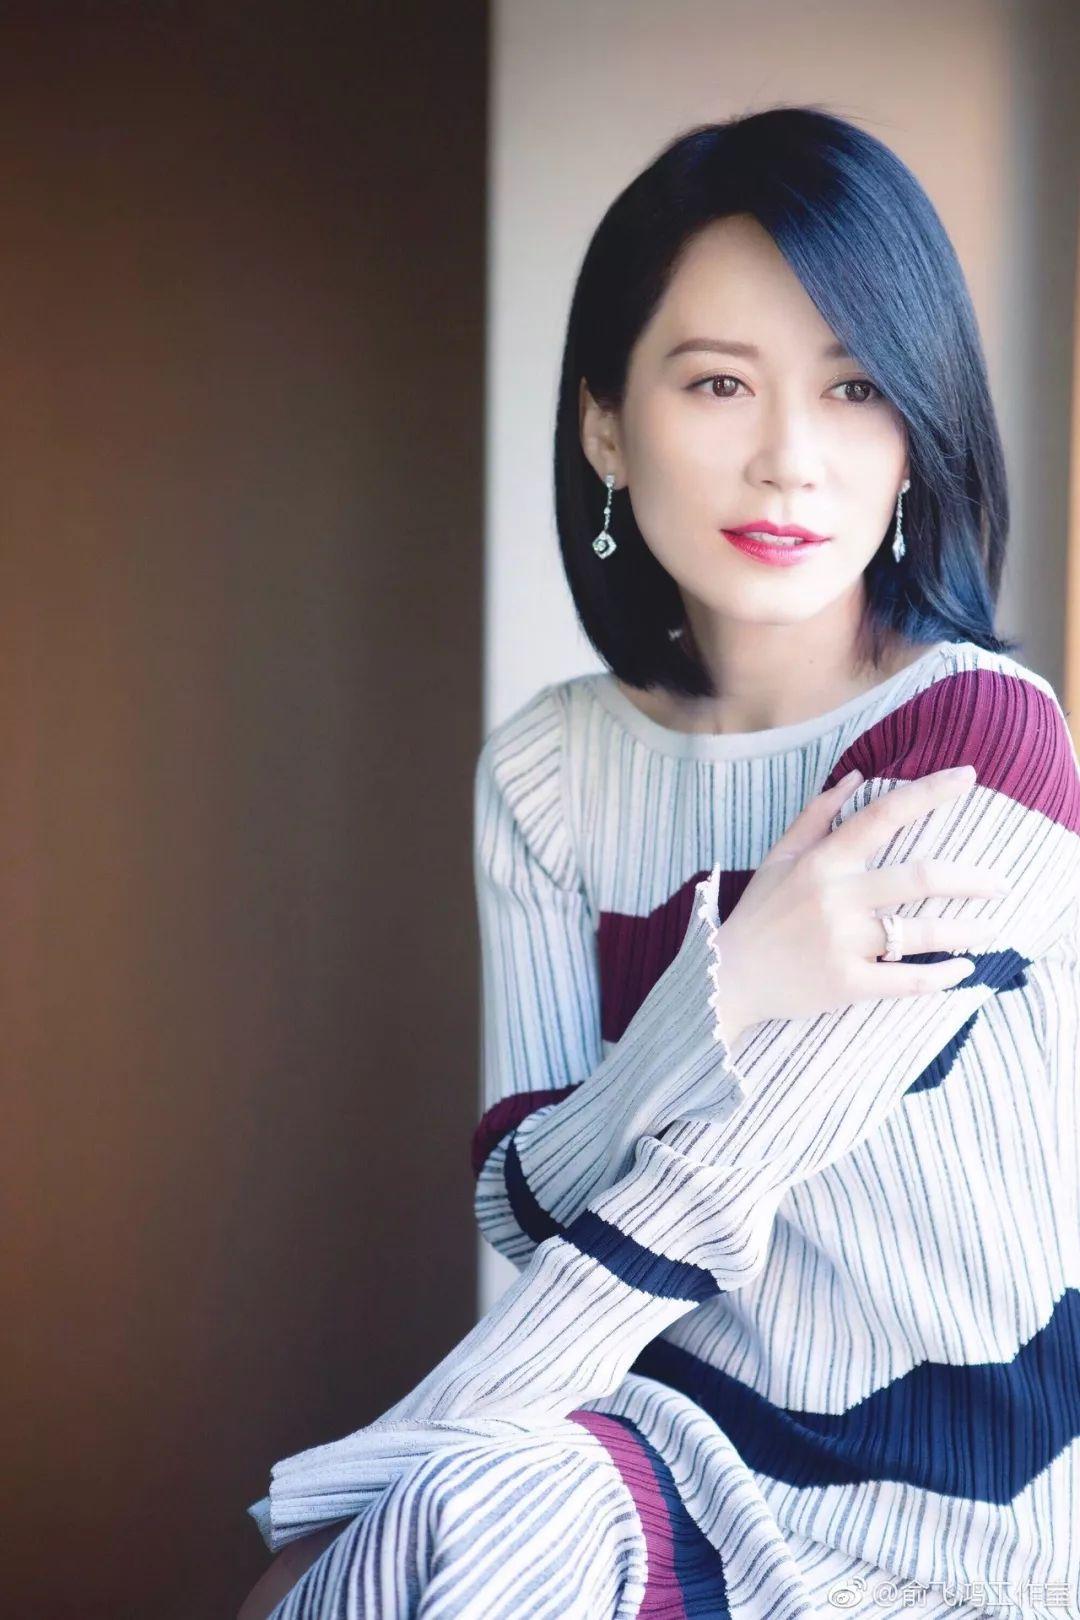 1 百变设计师俞飞鸿 剧中的俞飞鸿是一名设计师,做着与美有关的事情图片